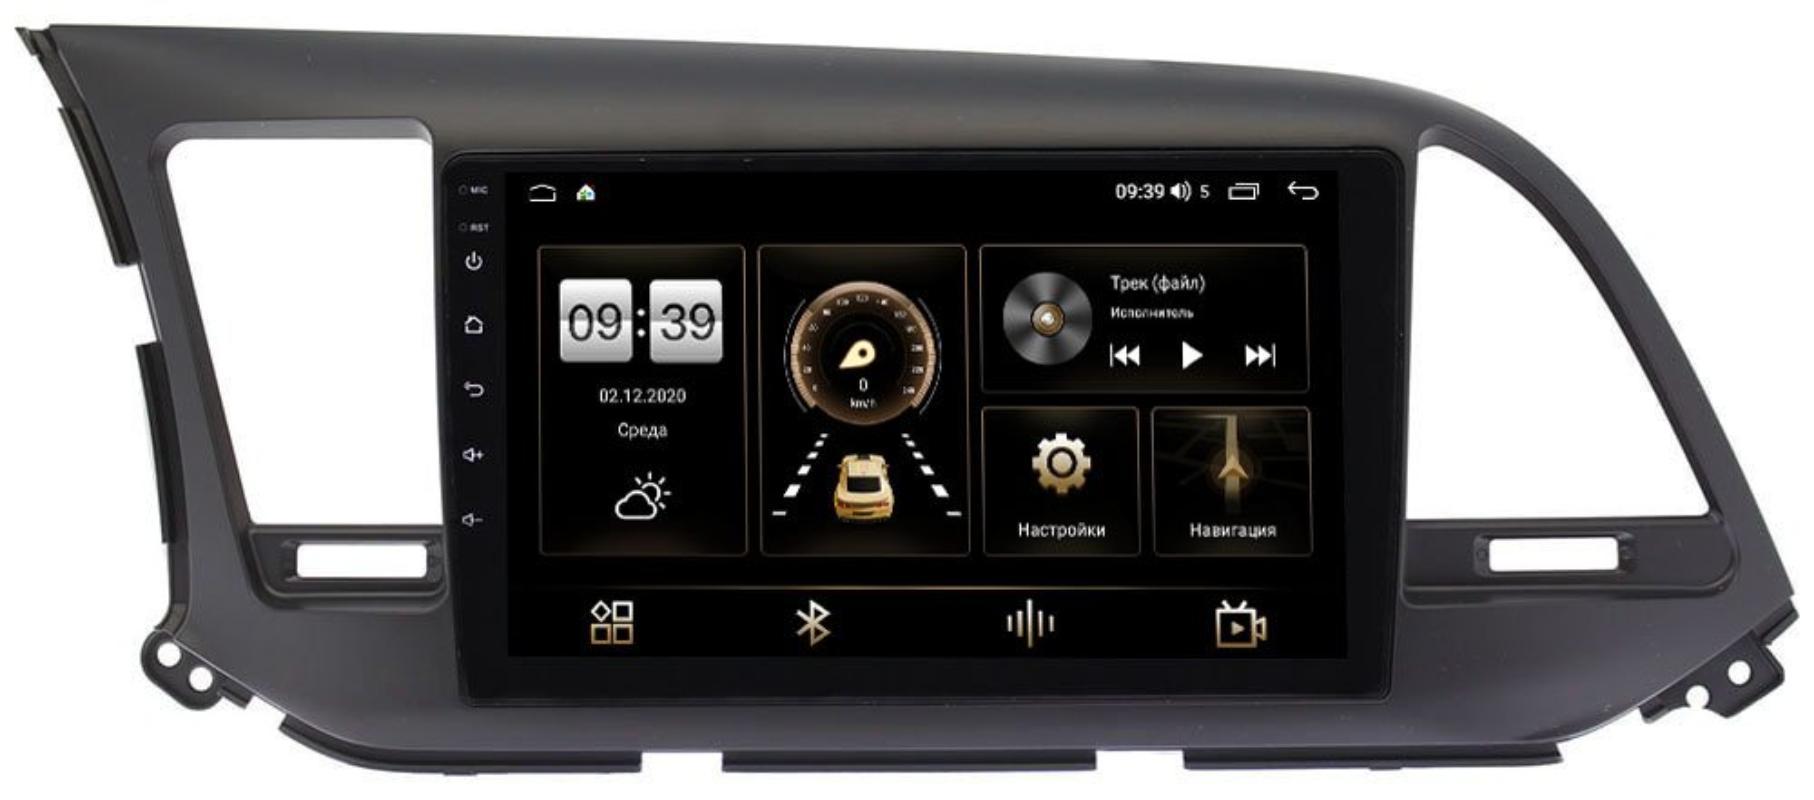 Штатная магнитола Hyundai Elantra VI (AD) 2015-2019 LeTrun 3792-9026 для авто с камерой на Android 10 (4/64, DSP, QLed) С оптическим выходом (+ Камера заднего вида в подарок!)